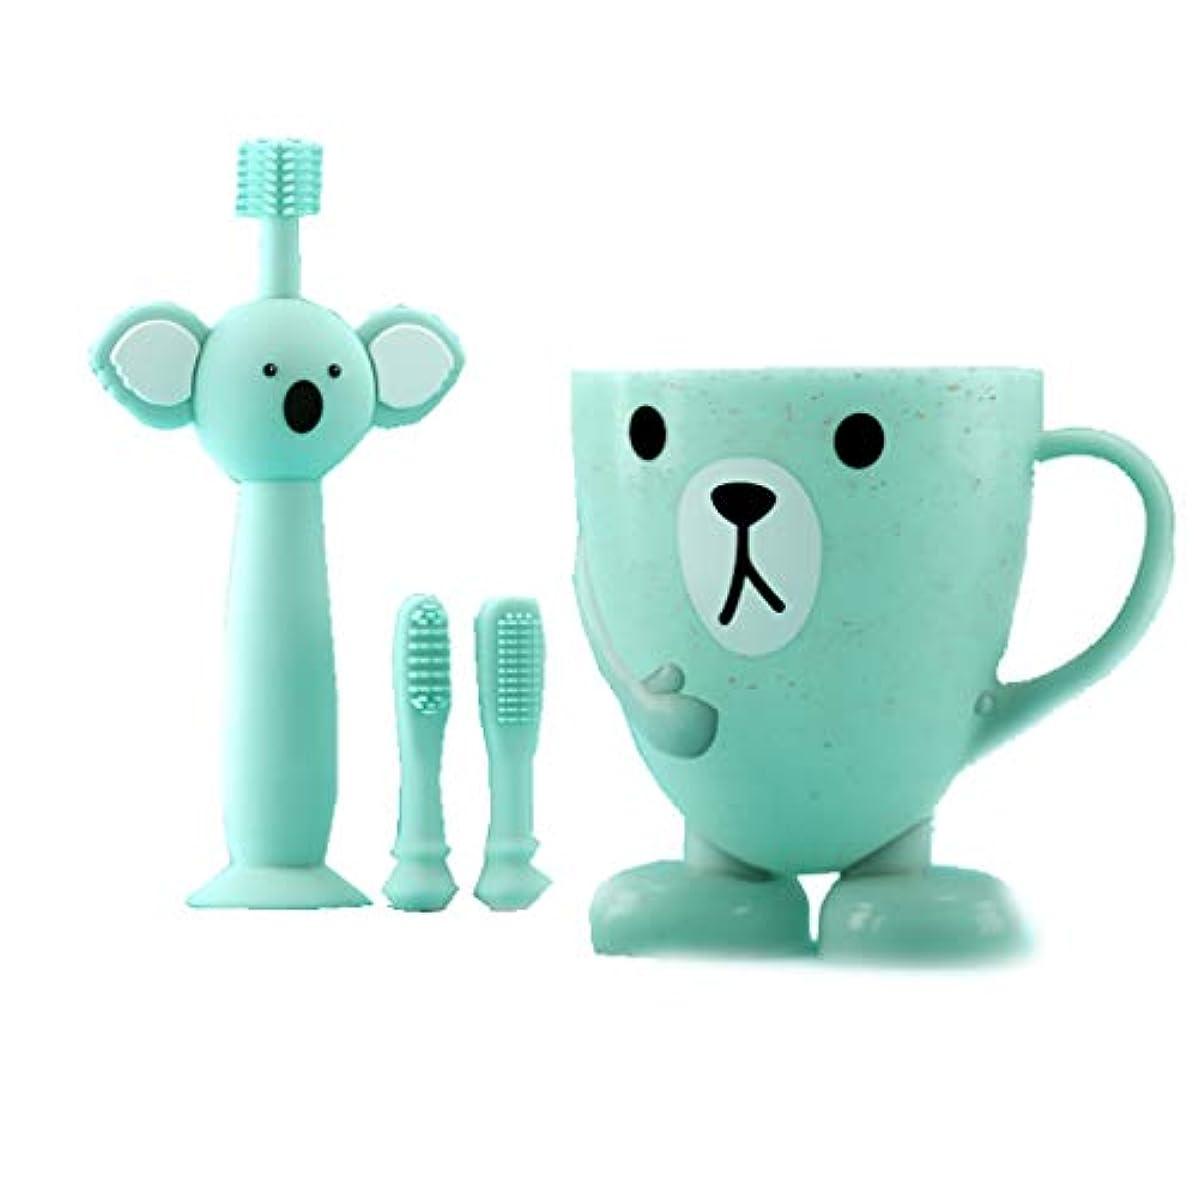 大陸意志踏み台赤ちゃんの歯ブラシの子供、360度きれいな柔らかい髪、慎重に選択されたシリコーン材料、歯をきれいにしながら歯茎をマッサージします。 (色 : B)